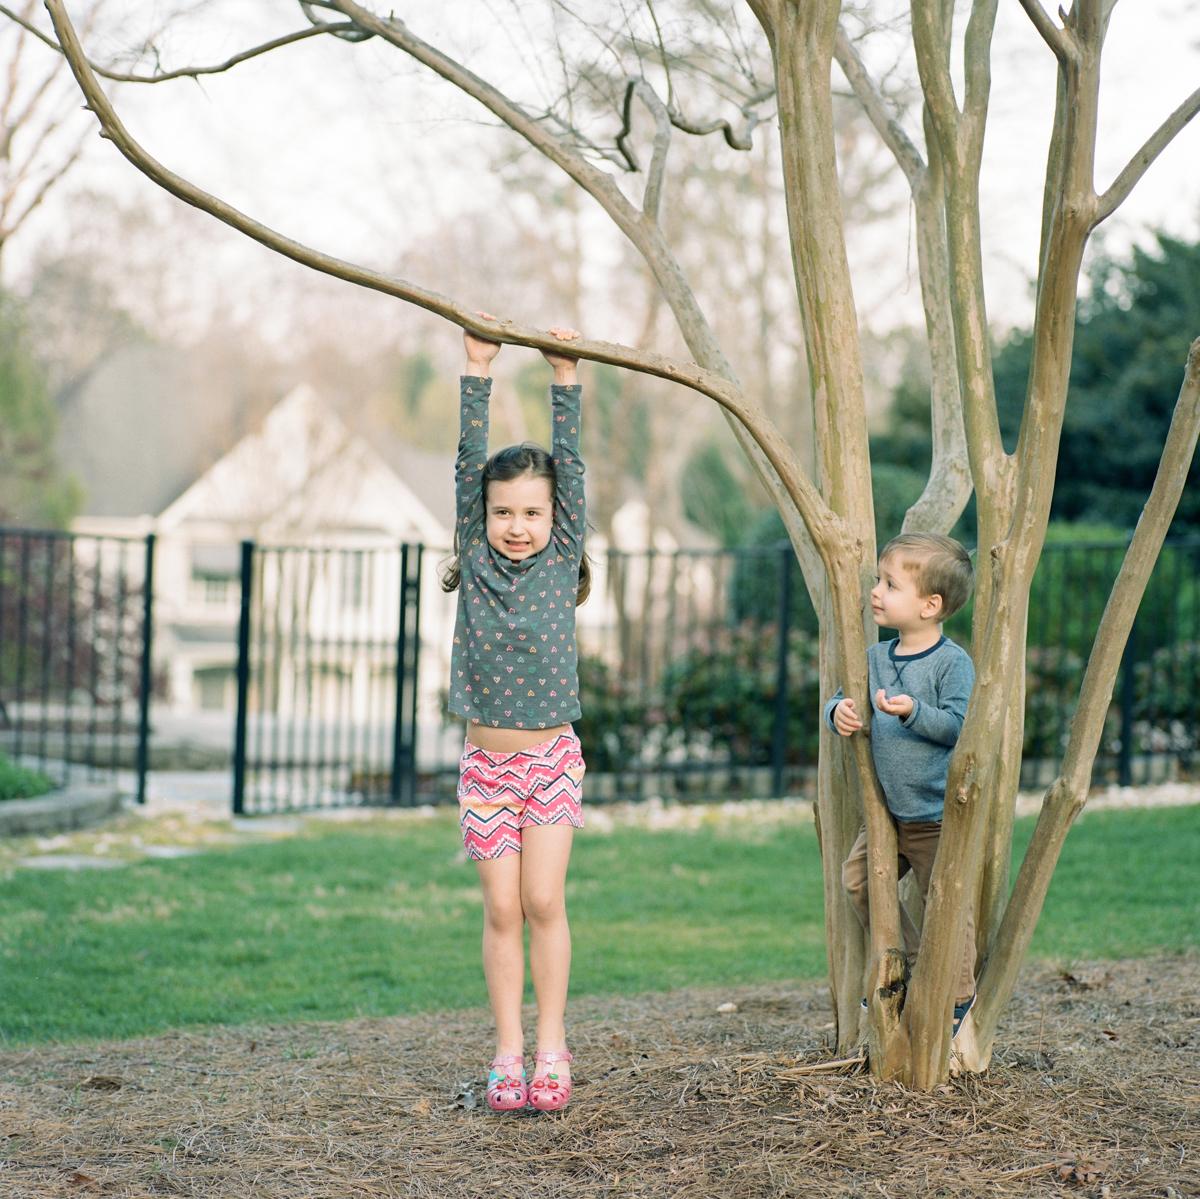 Backyard fun-2.jpg